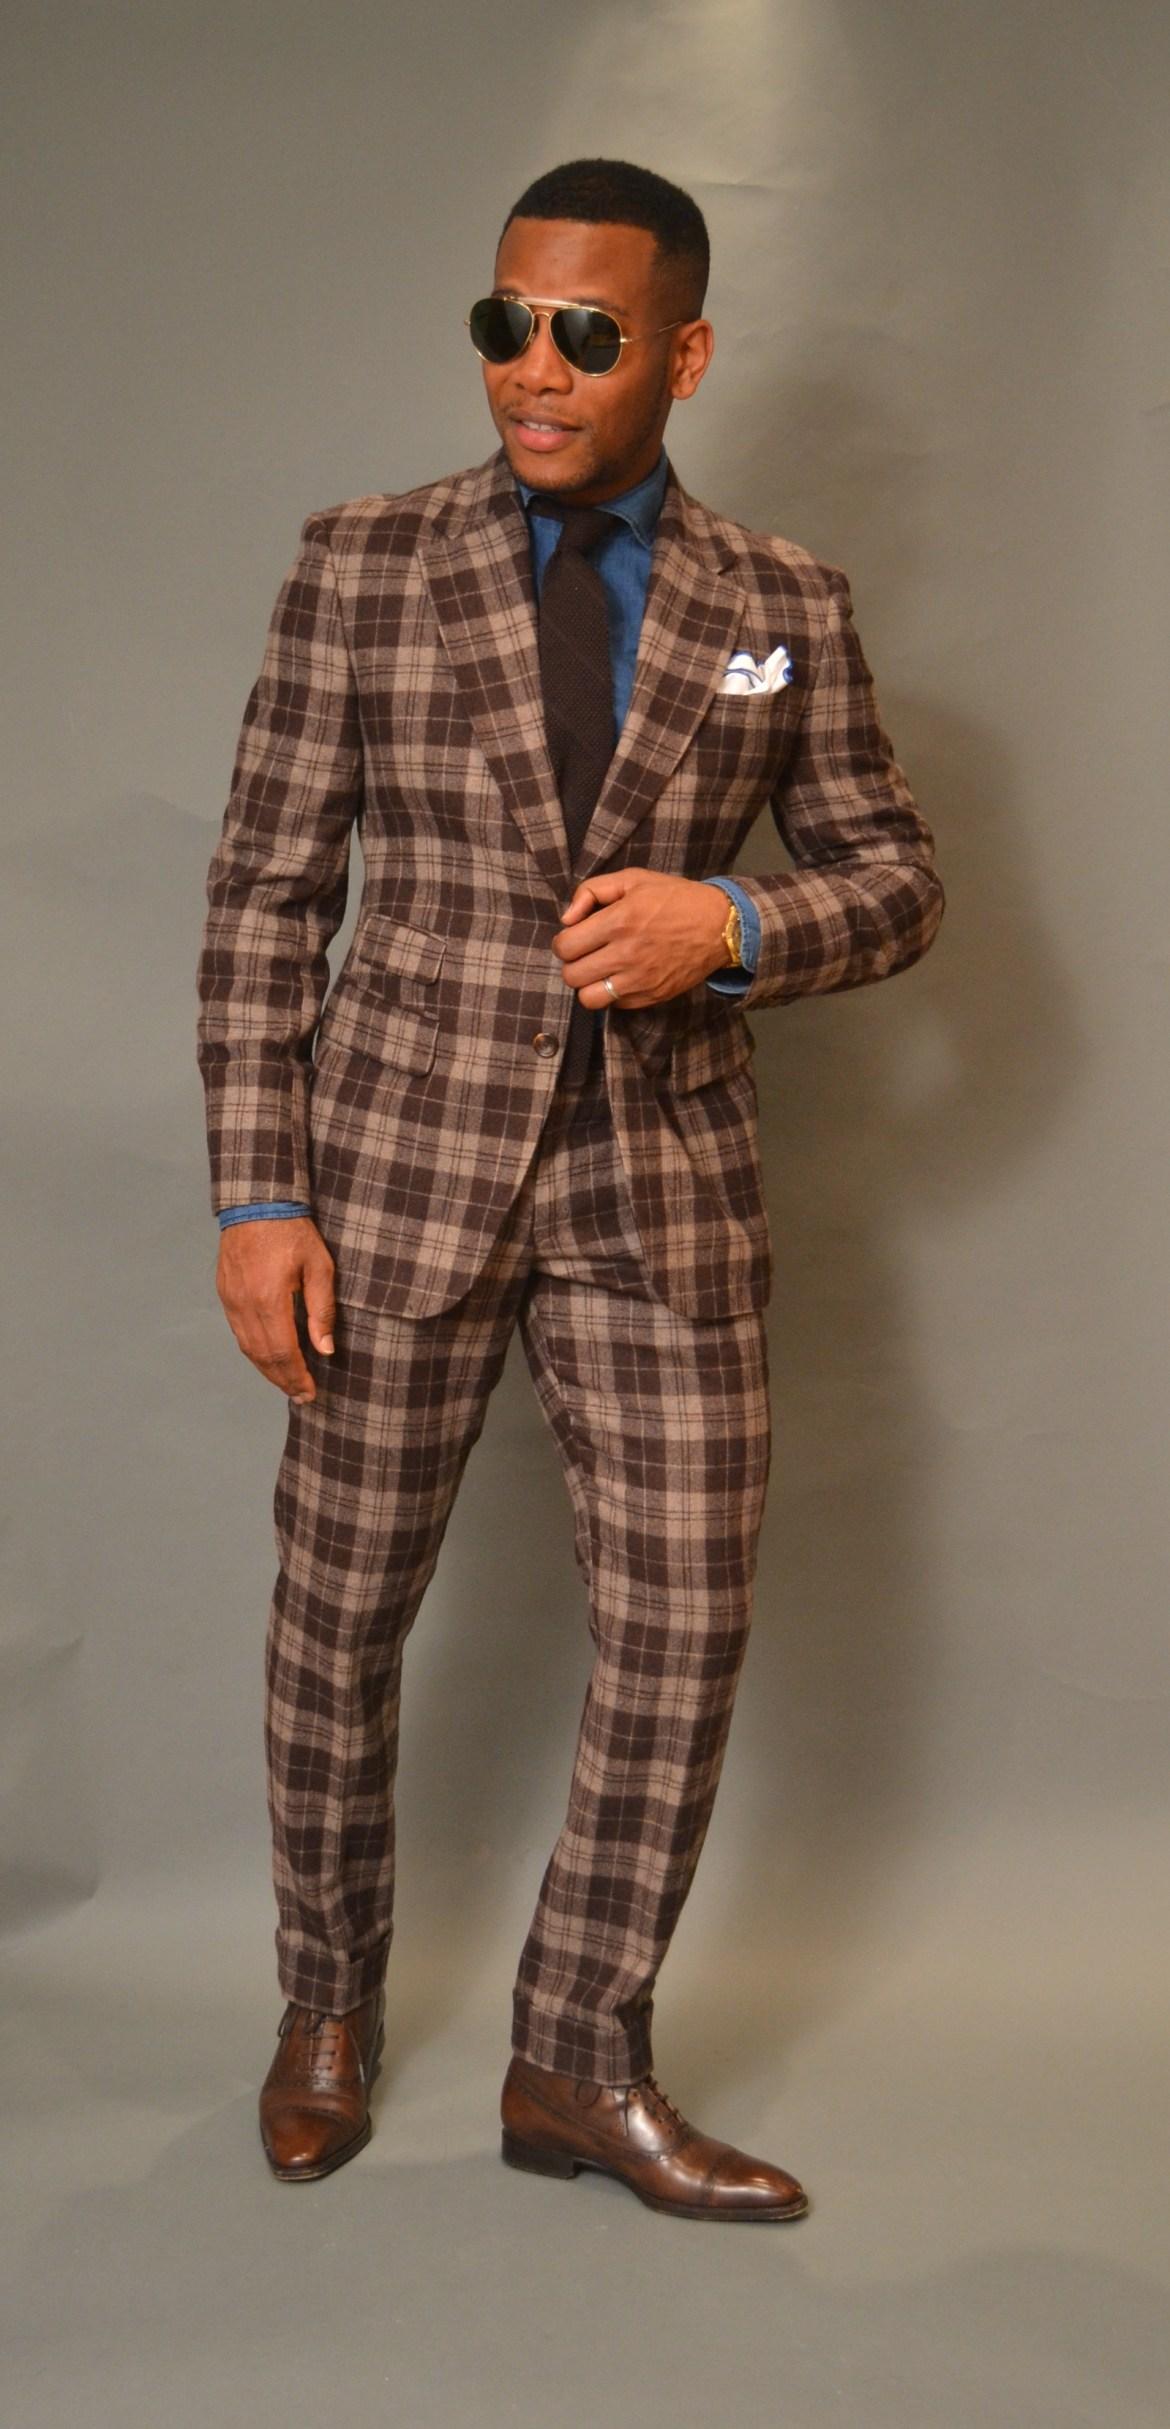 StudioSuits Bold Plaid Suit Review On Men's Style Pro